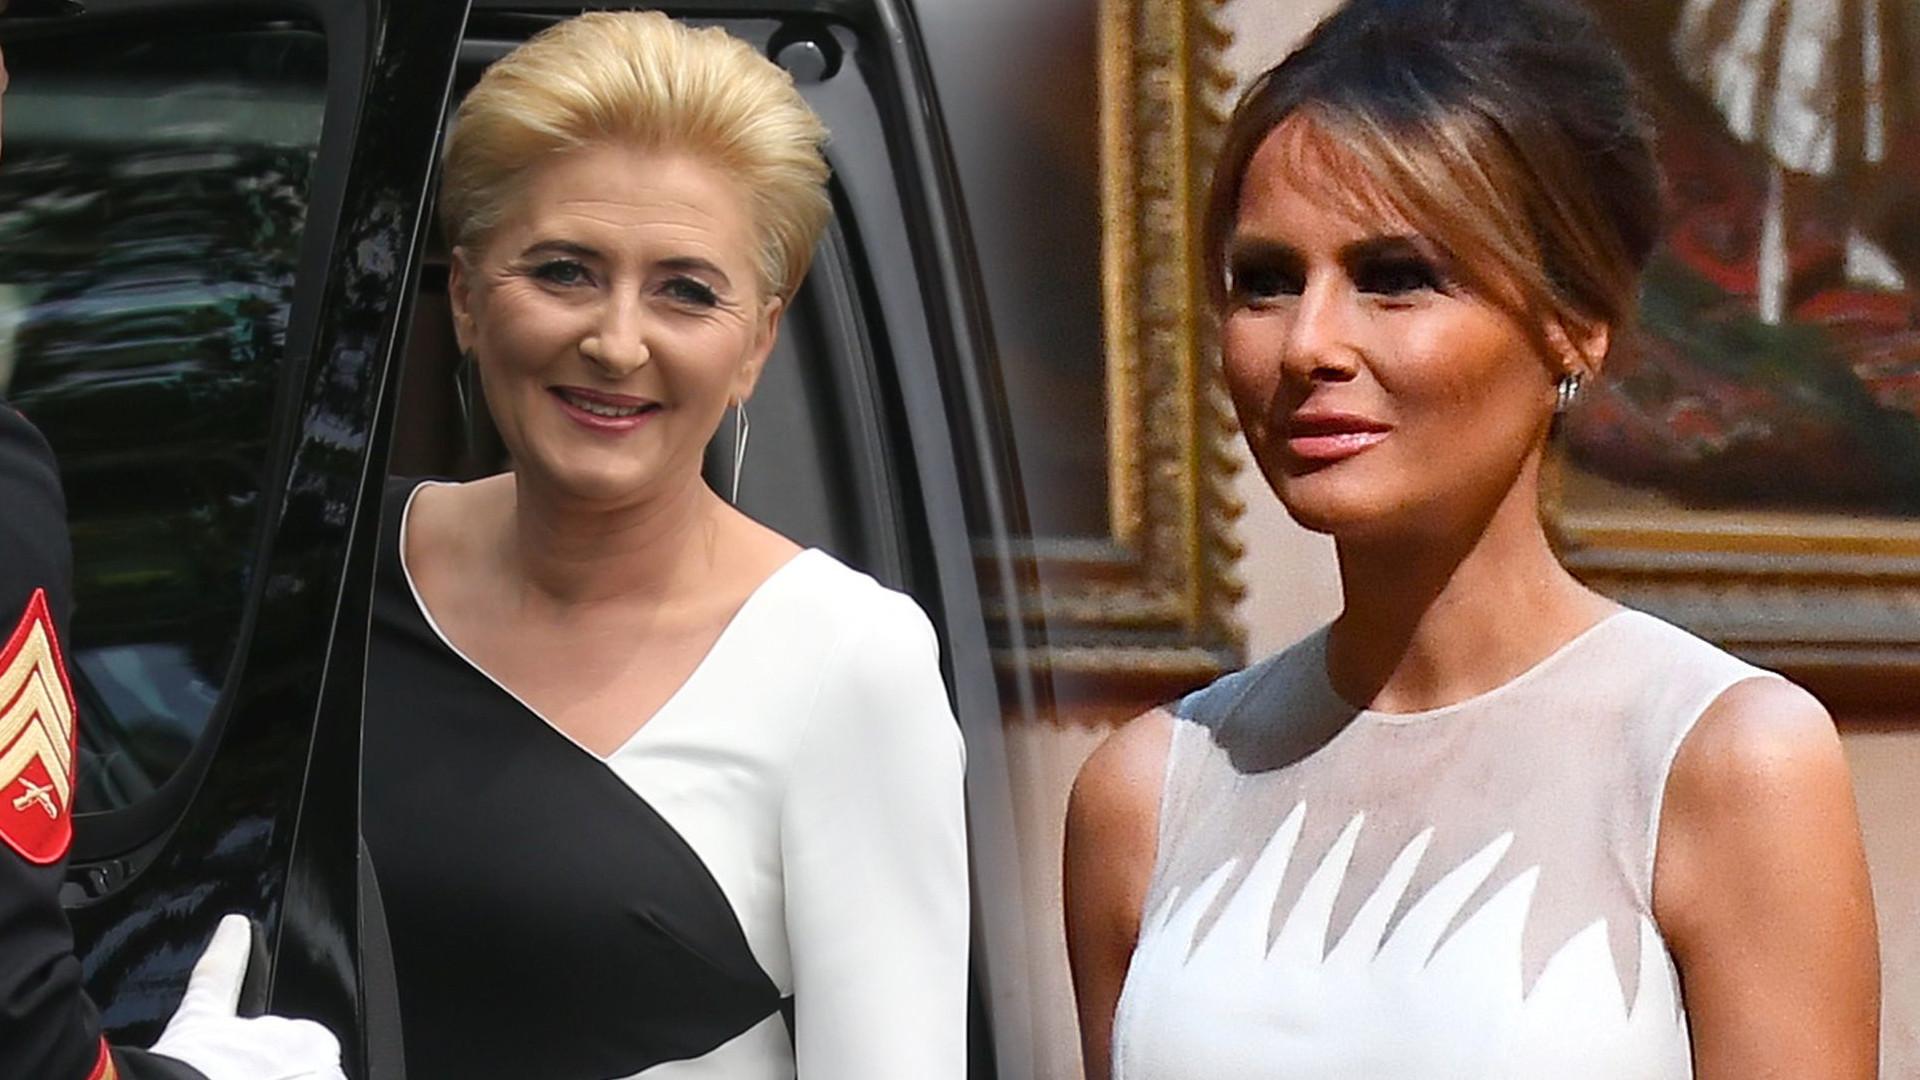 Zaskakujące SŁOWA Melanii Trump na temat Agaty Dudy